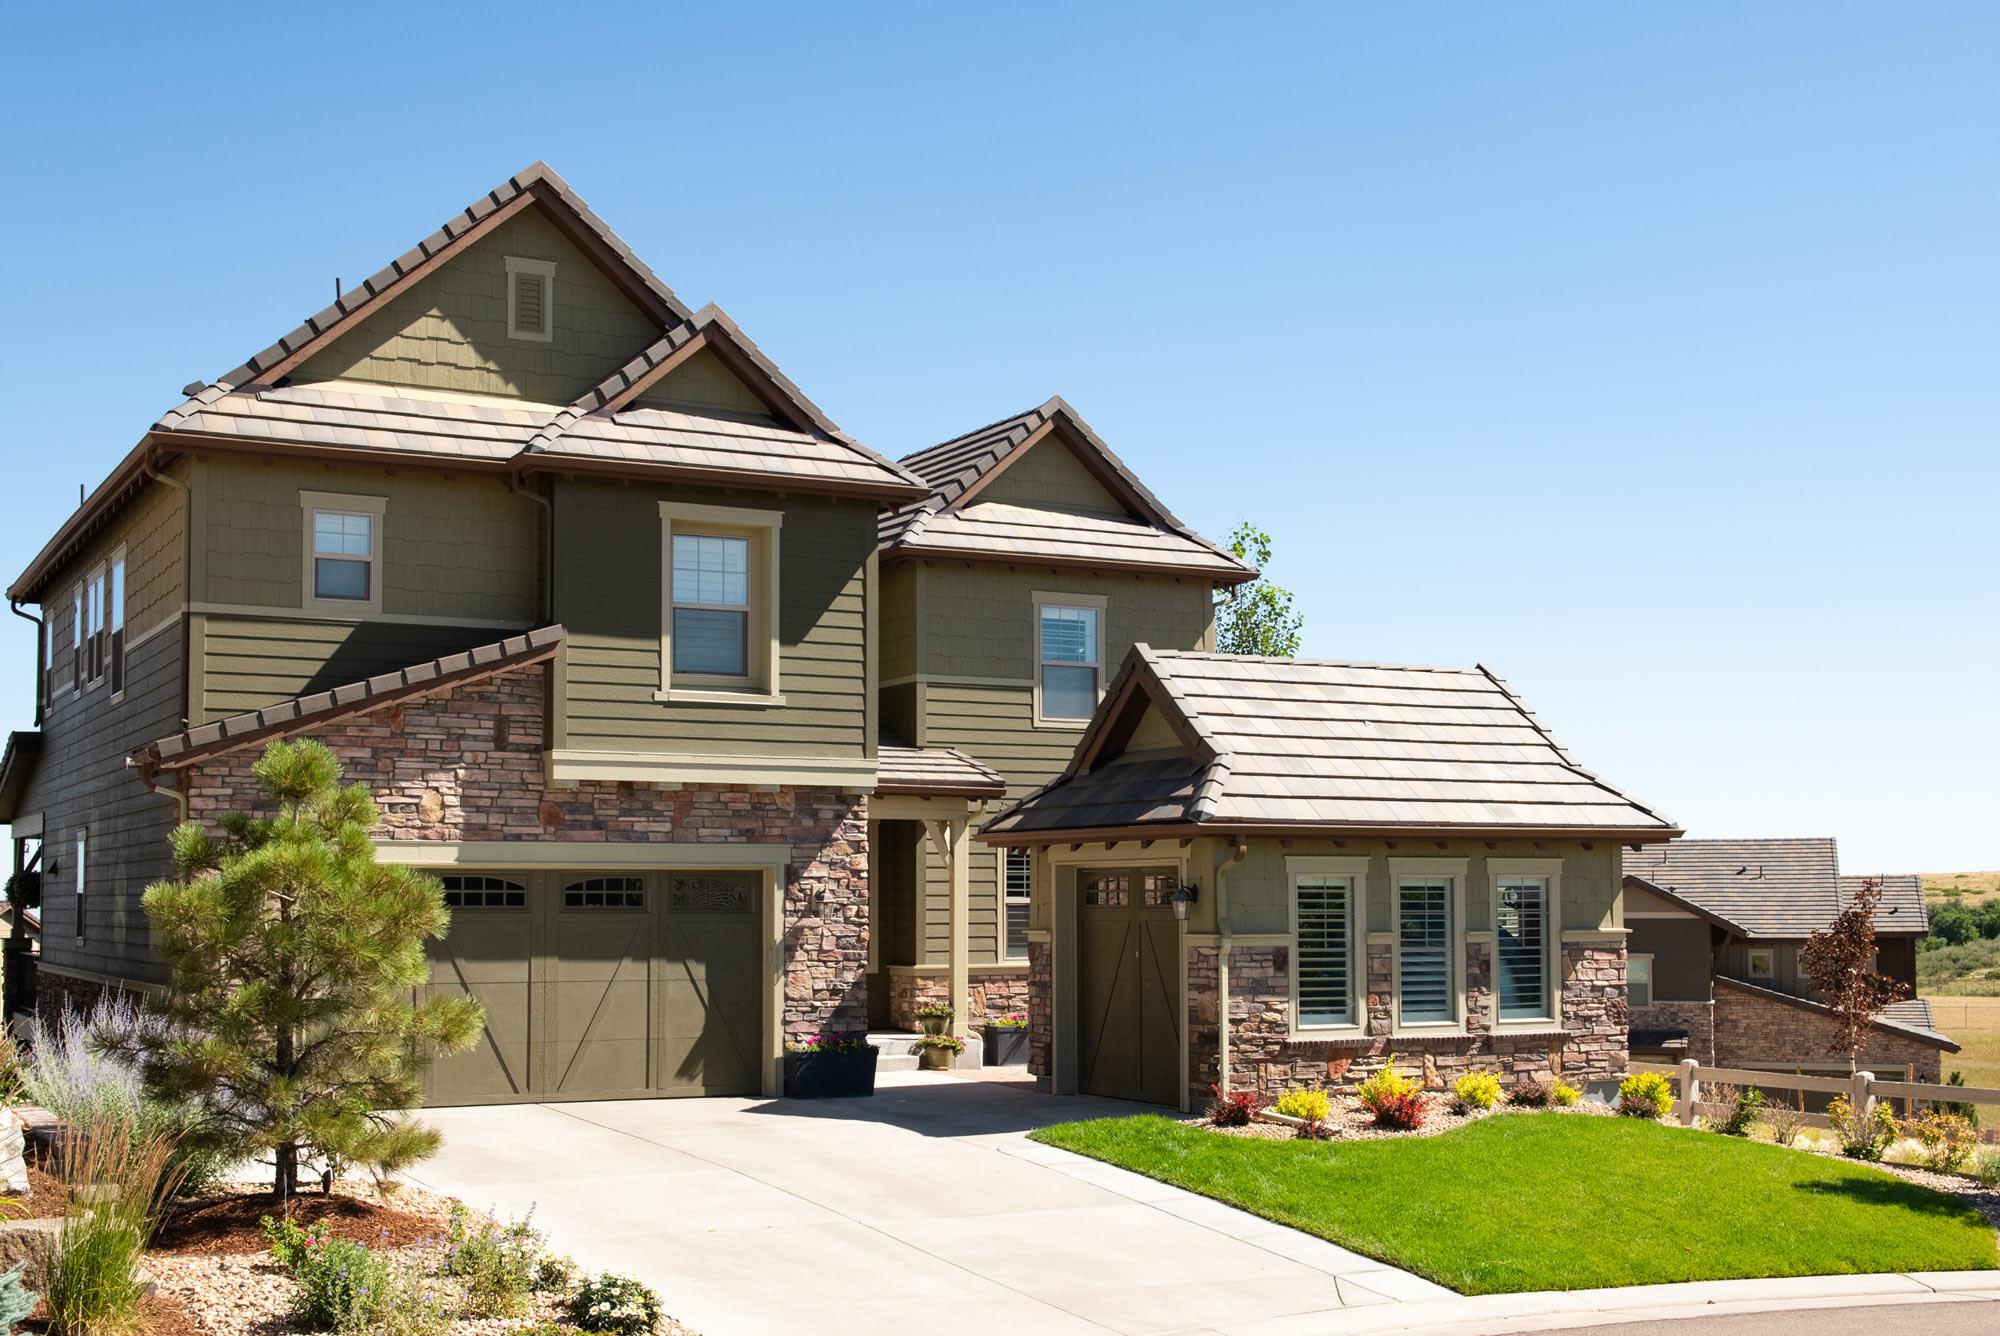 BackCountry Homes - Highlands Ranch Colorado